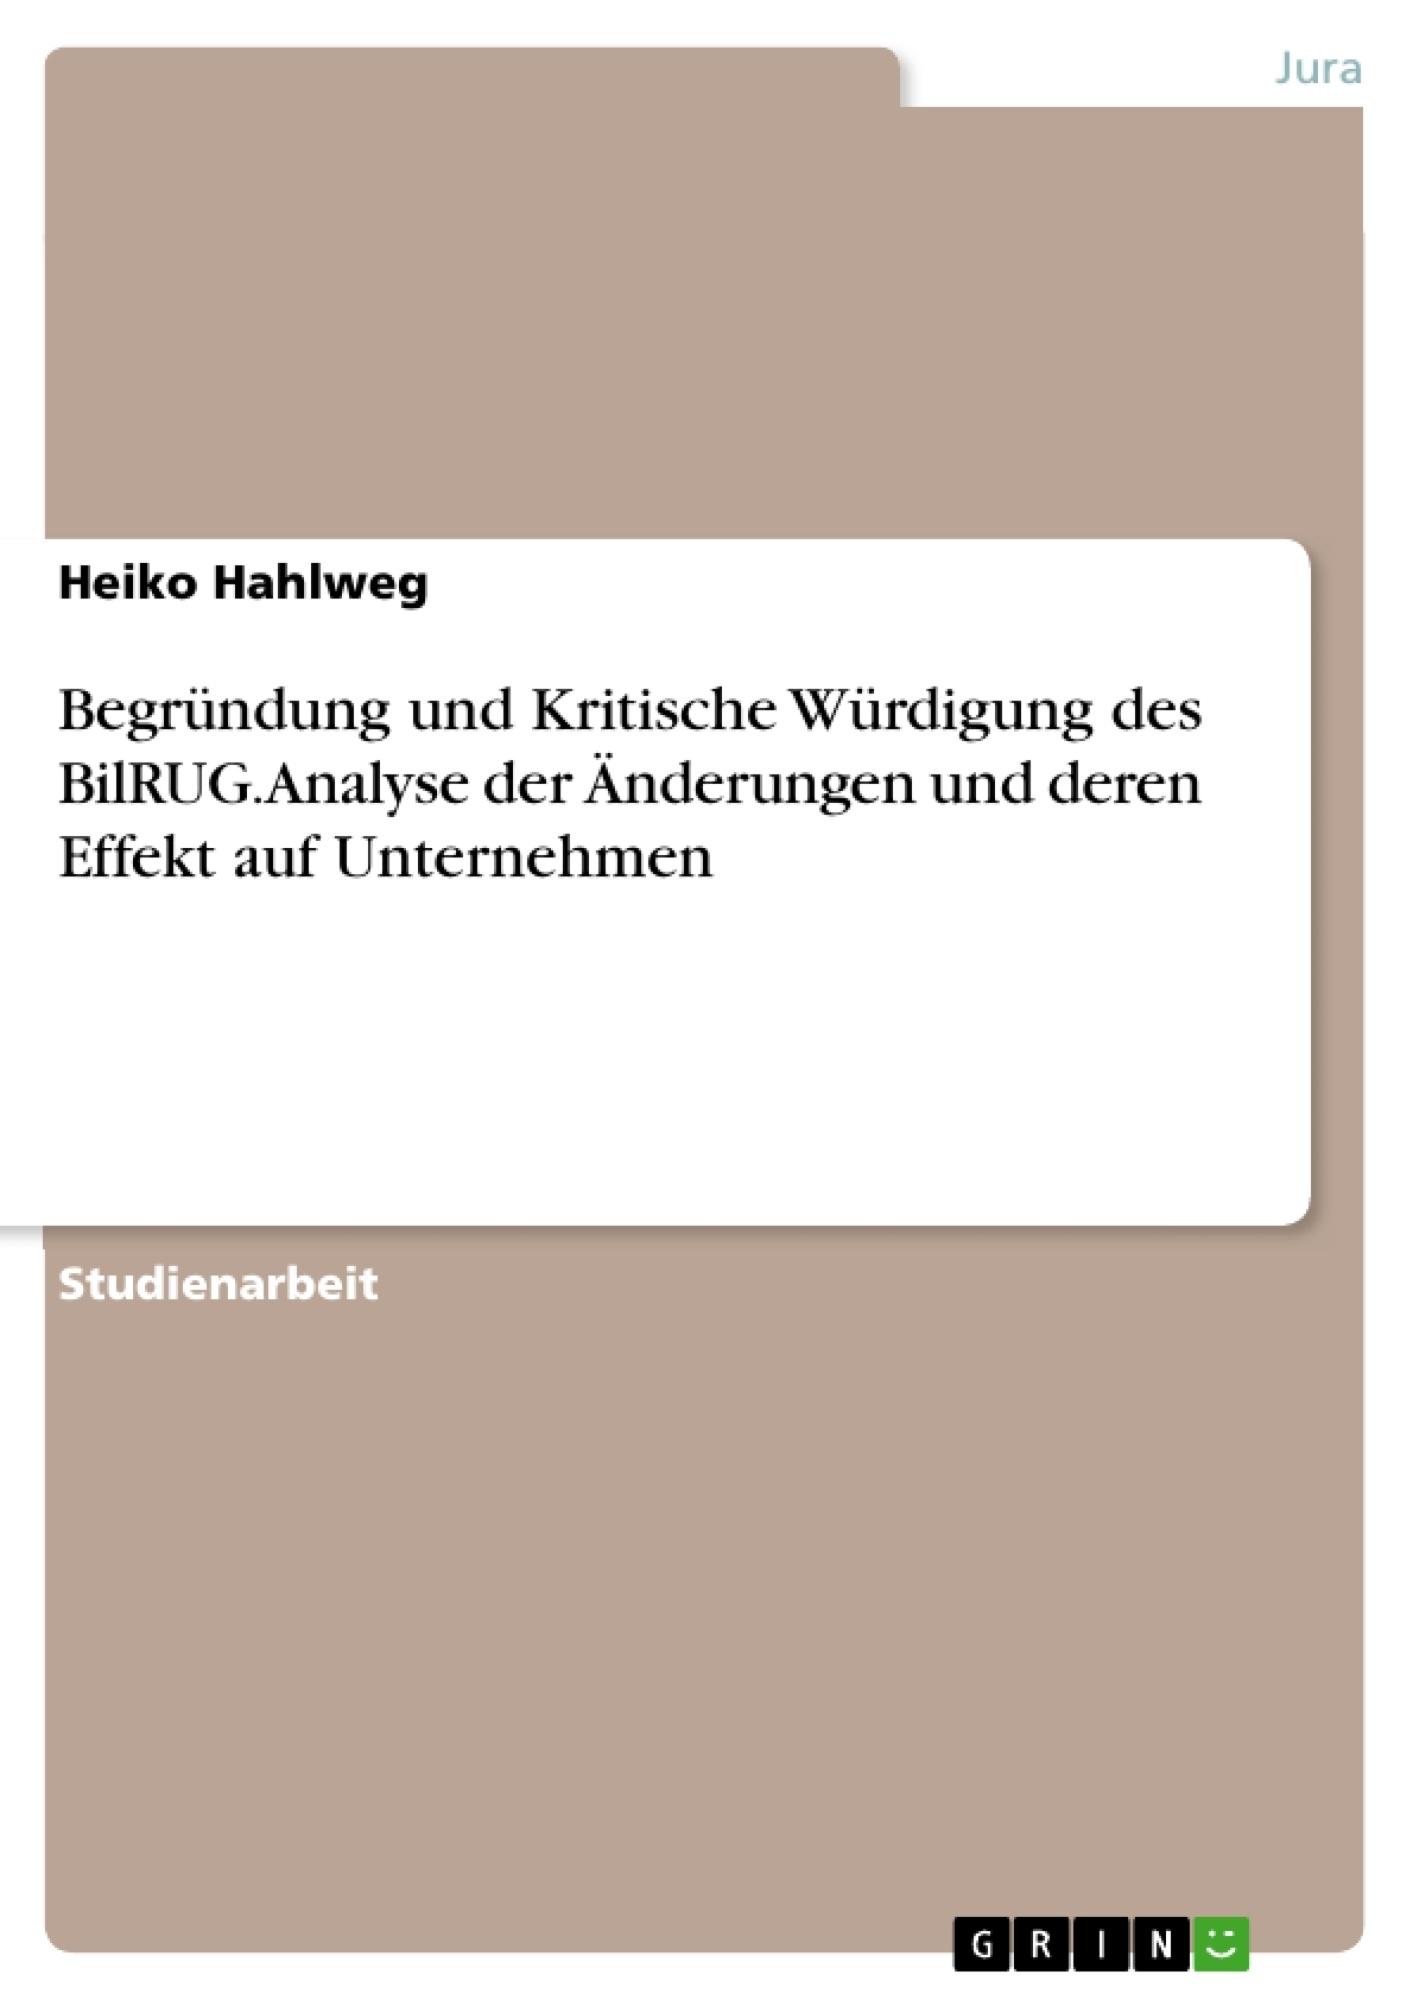 Titel: Begründung und Kritische Würdigung des BilRUG. Analyse der Änderungen und deren Effekt auf Unternehmen